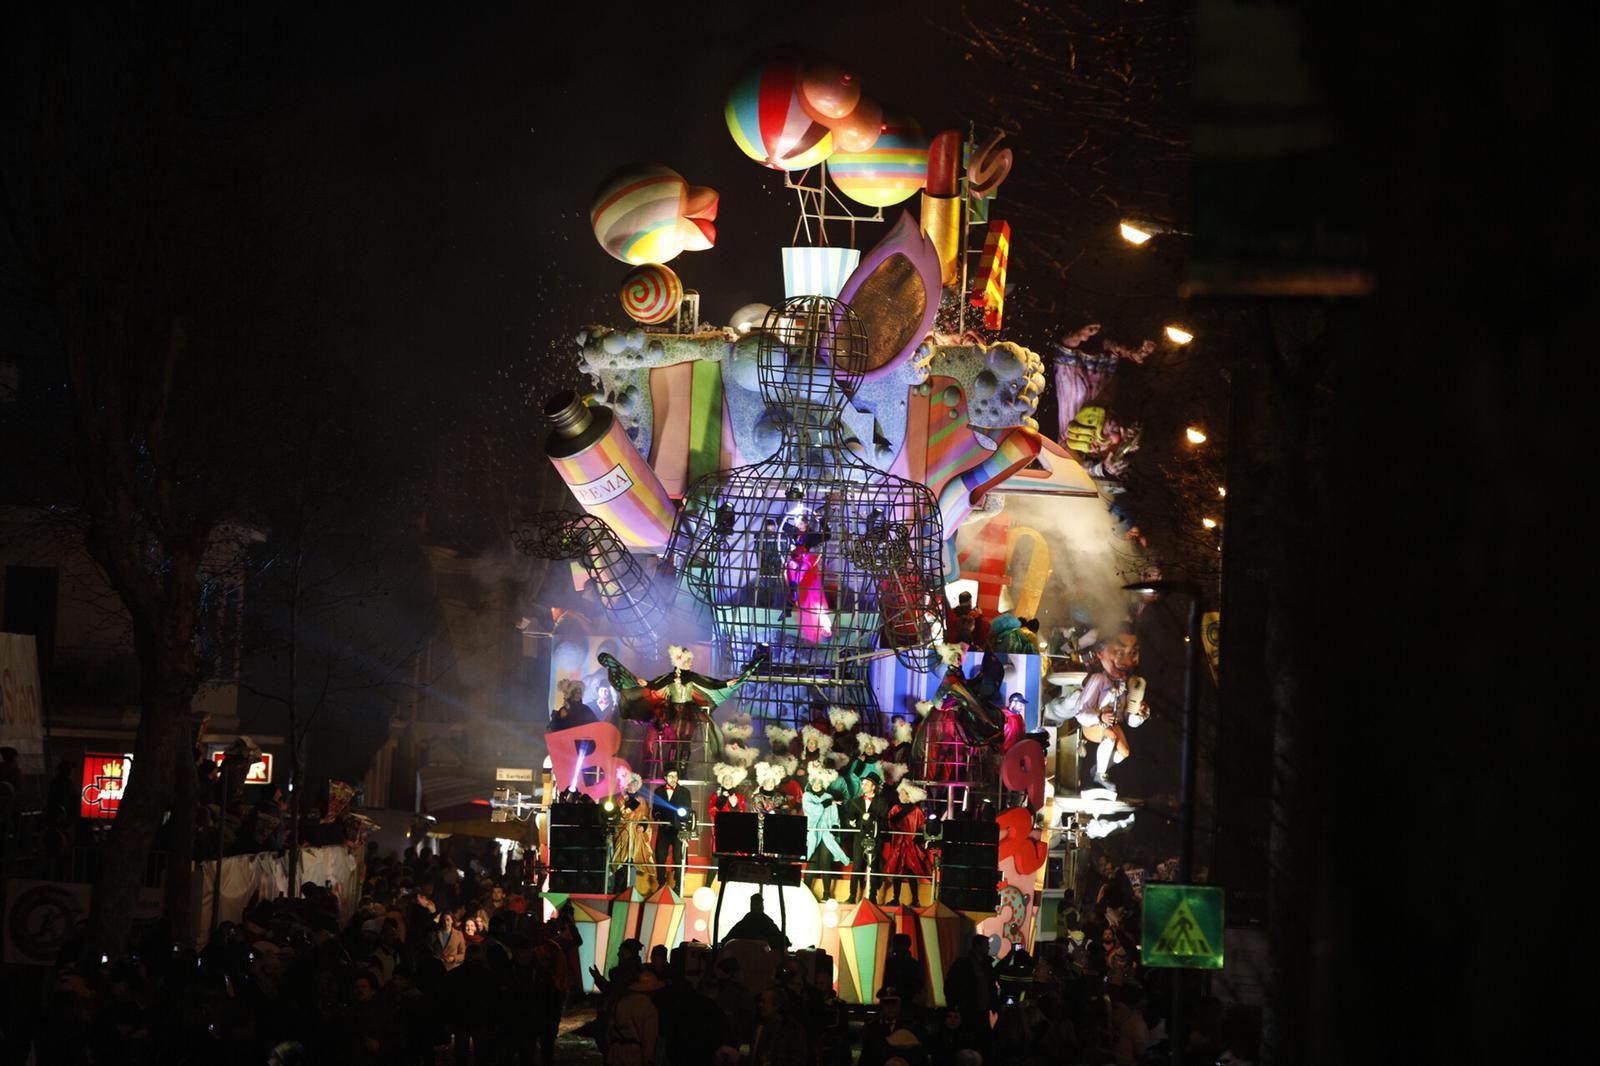 Oltre 10mila Persone Al Carnevale Di Fano Giornata Di Festa Ma